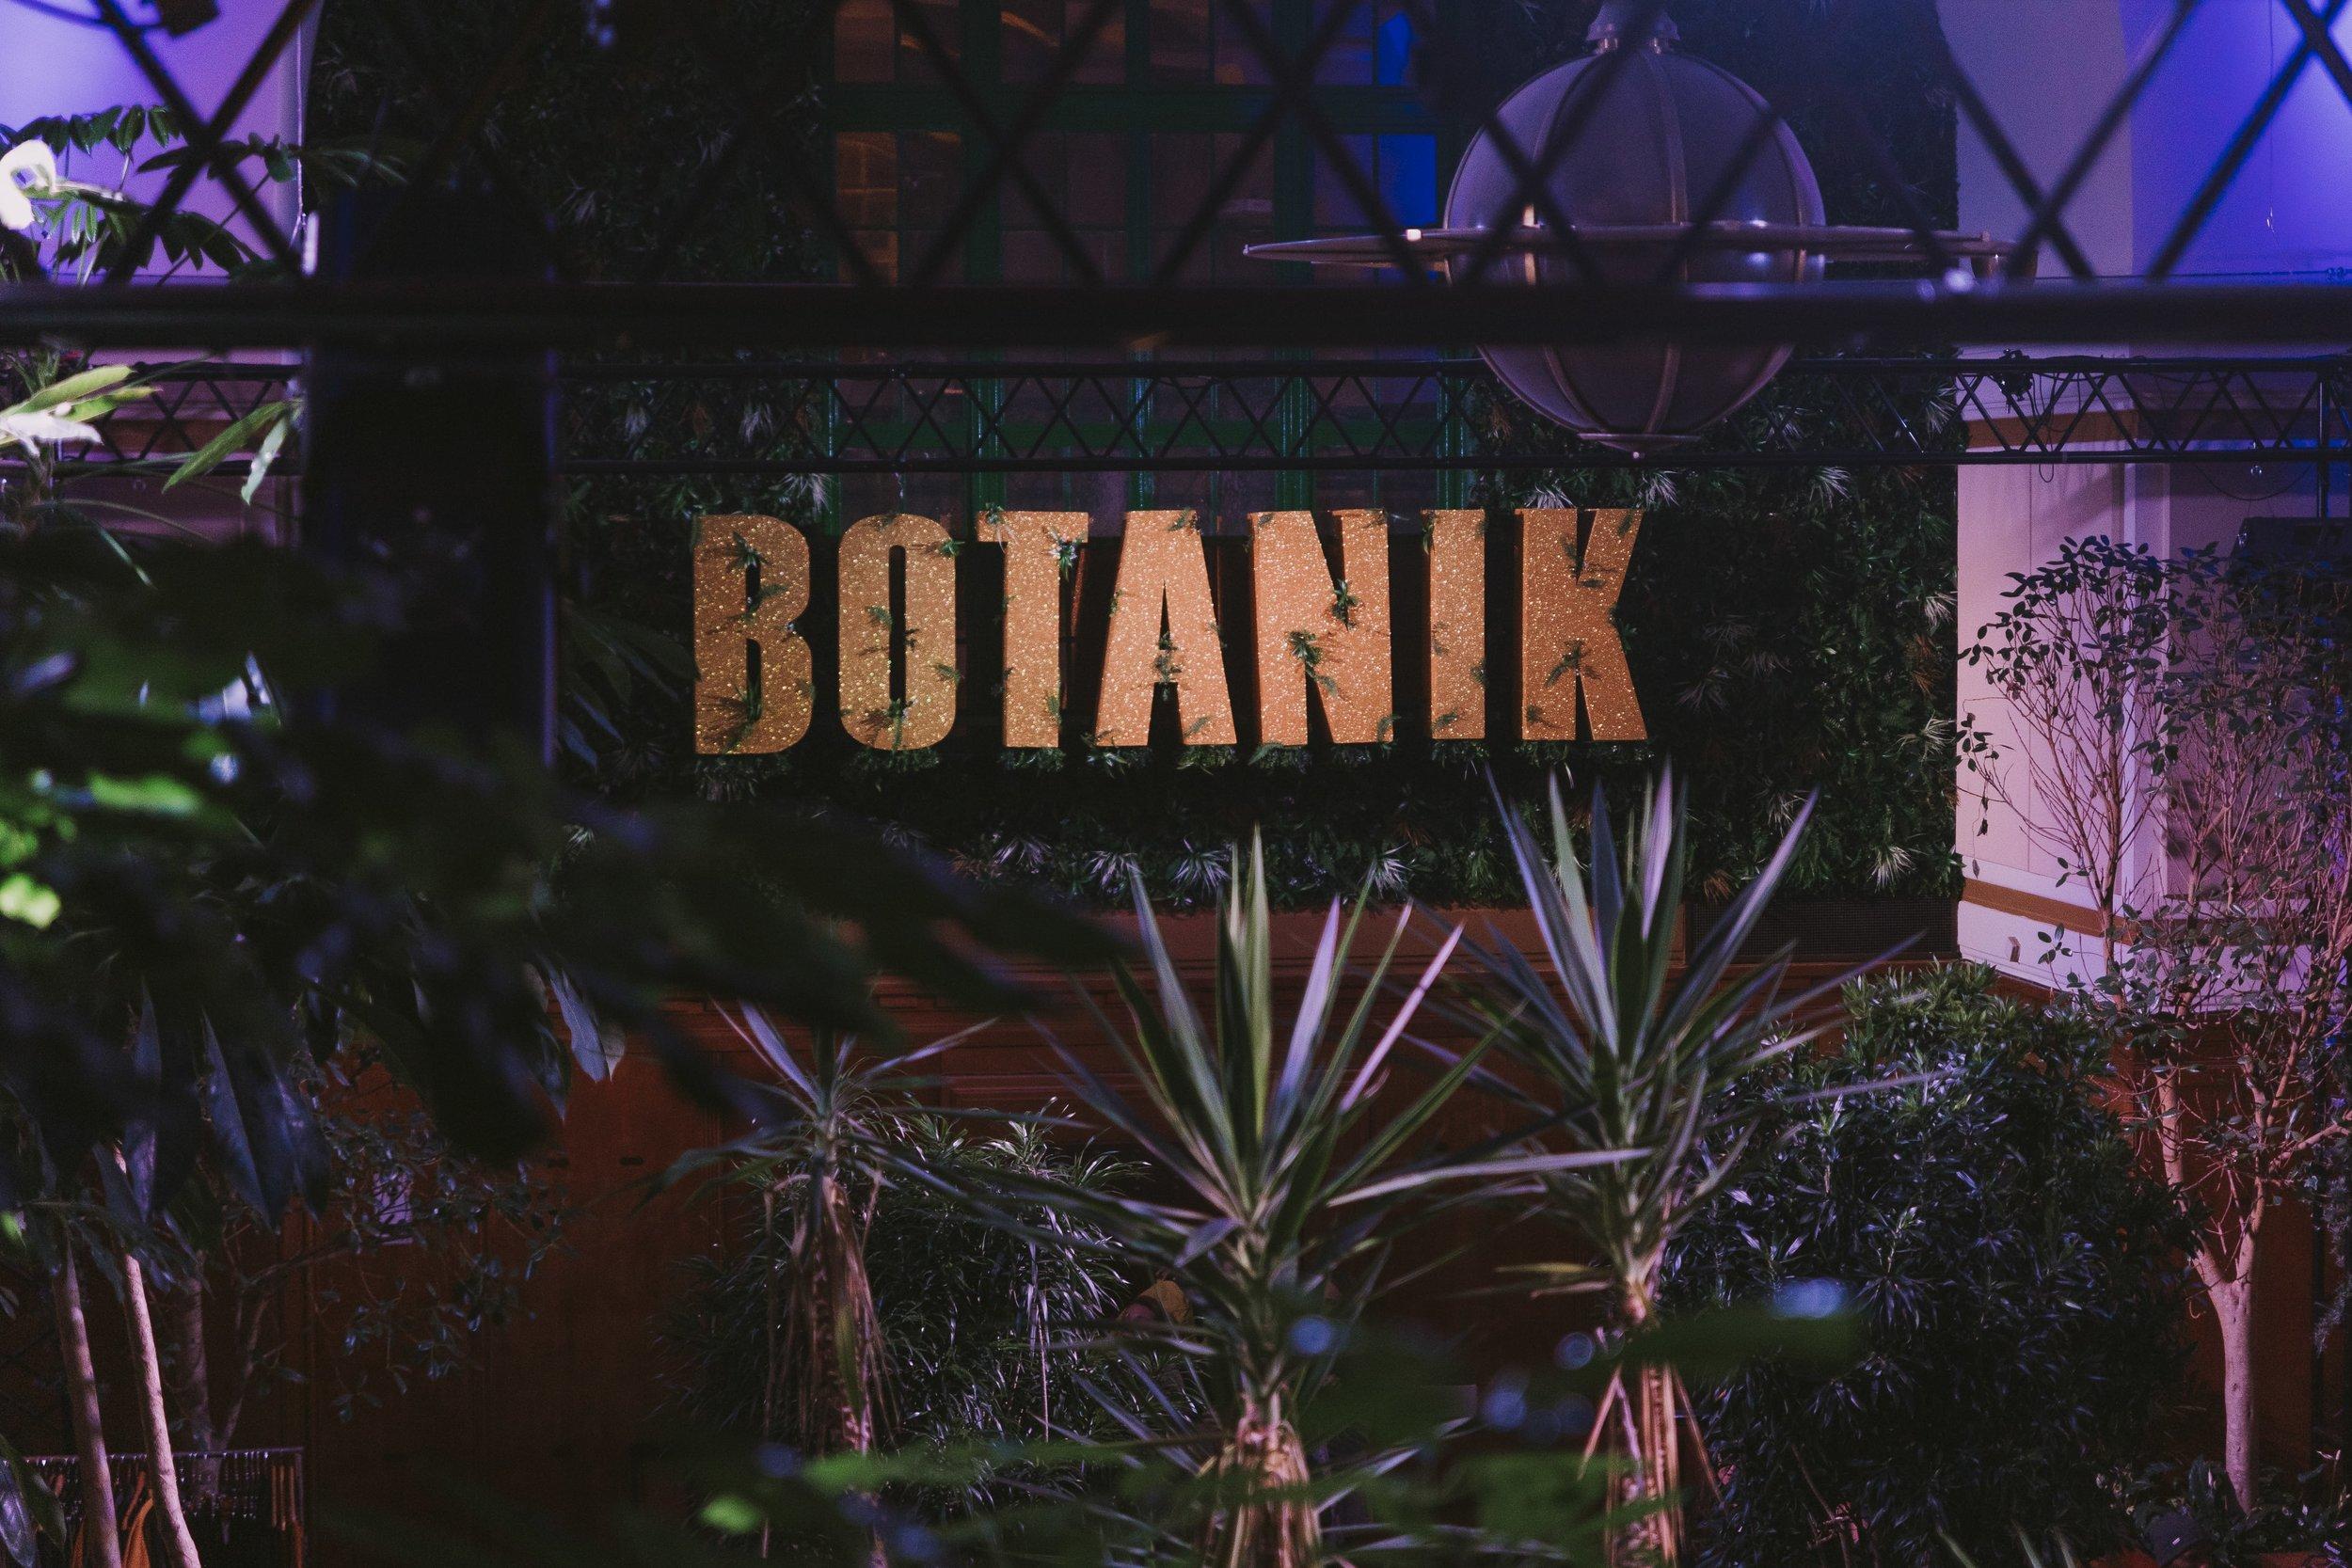 Botanik Social House_Belvedere_04-07-2019-22-min.jpg